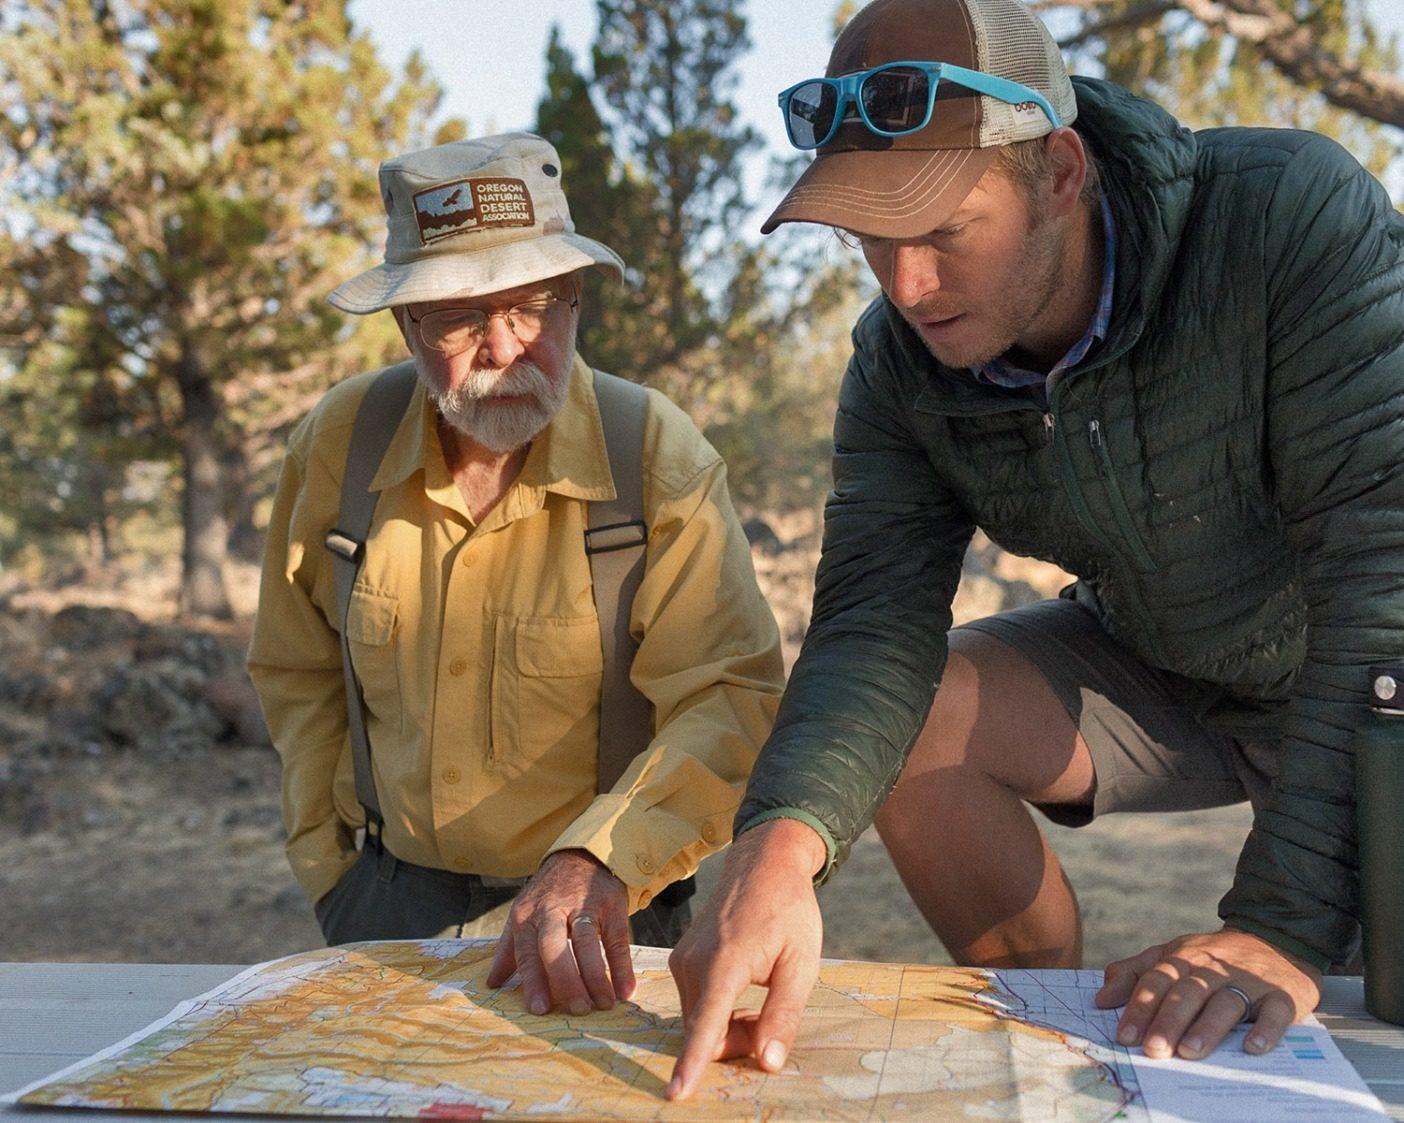 〈オレゴン・ナチュラル・デザート・アソシエーション(ONDA)〉はオレゴンの高地砂漠でボランティアをハンズオンの保護および修復活動と結びつける。10年以上もスティーンズ・マウンテンのボランティアとして働いてきたクレイグ・テリーと〈ONDA〉のスチュワードシップ・コーディネーターのマイケル・オケイシーが、その日の目標について会話する。Photo: Sage Brown